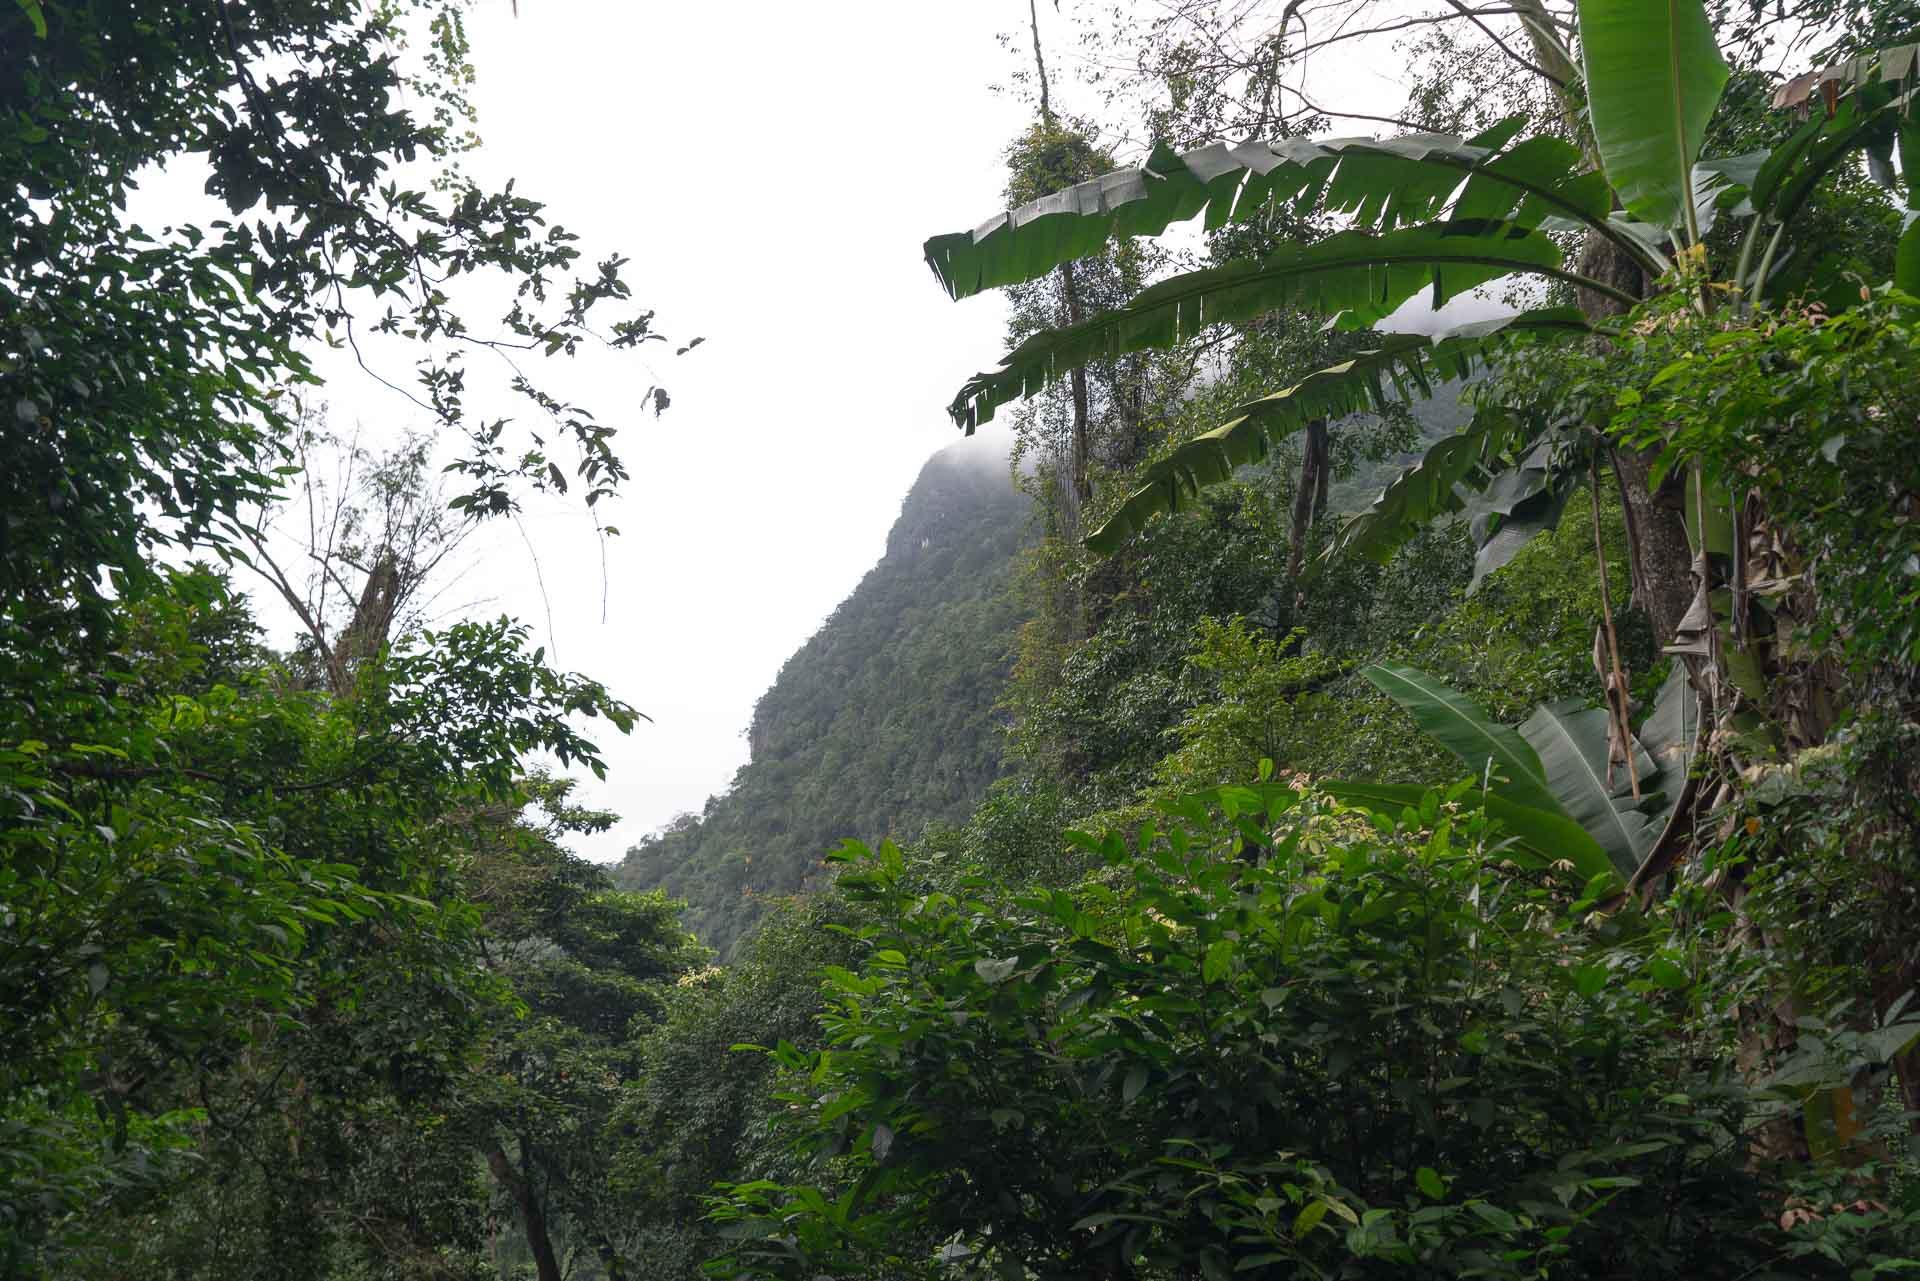 LesVoyageuses-Vietnam-Phong-Nha-Caves-Nature-19